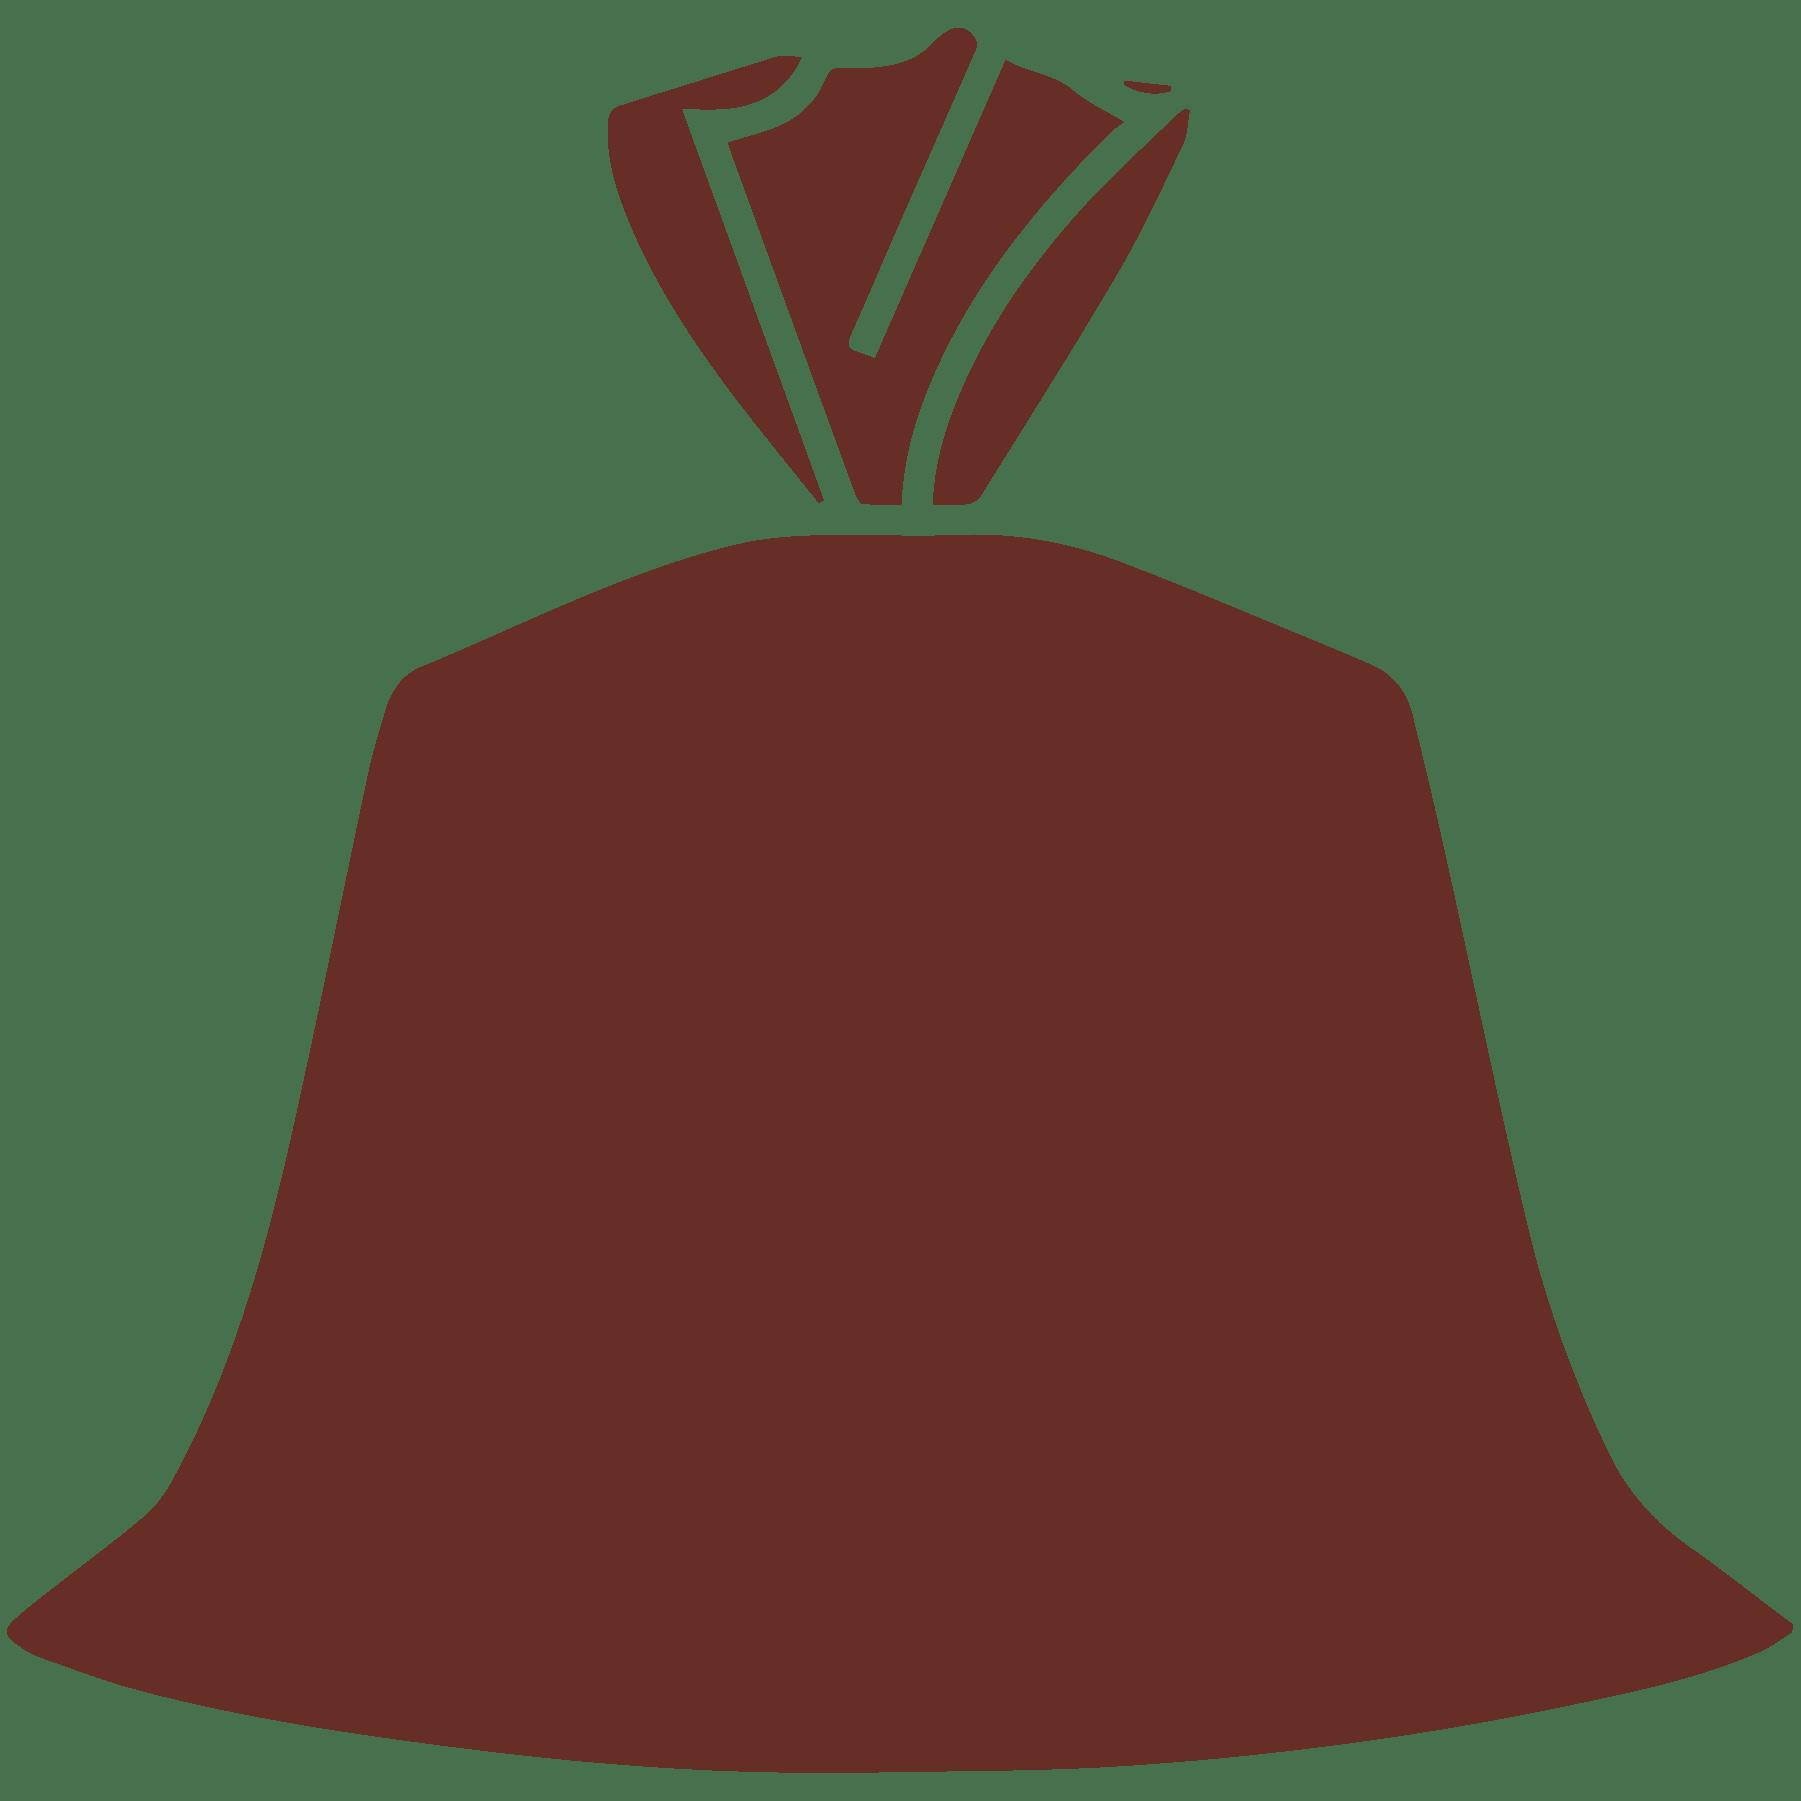 trash bag icon